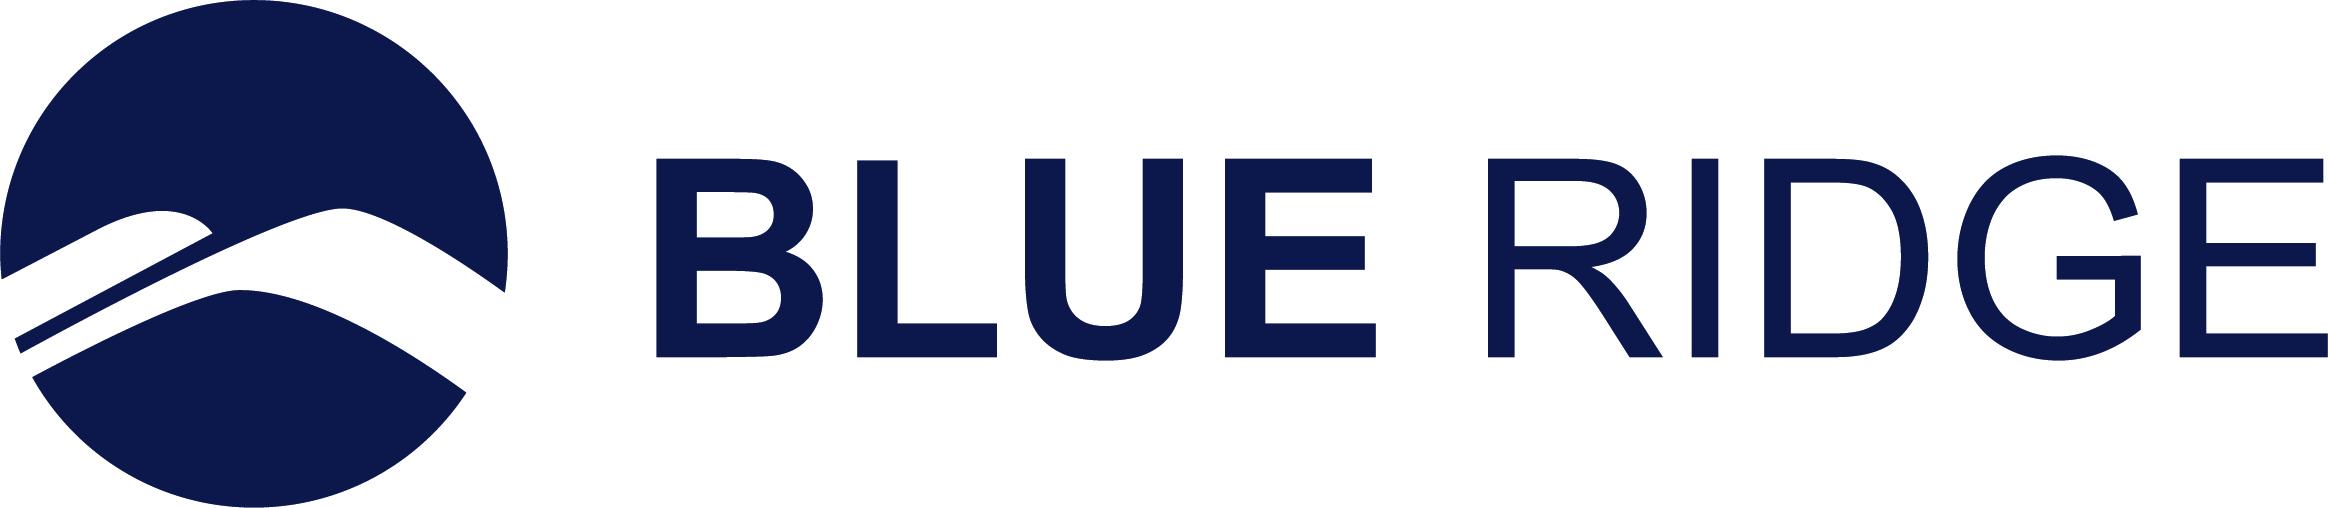 Maarten Baltussen of Blue Ridge Supply & Demand Chain Executive 2021 Pros to Know Winner